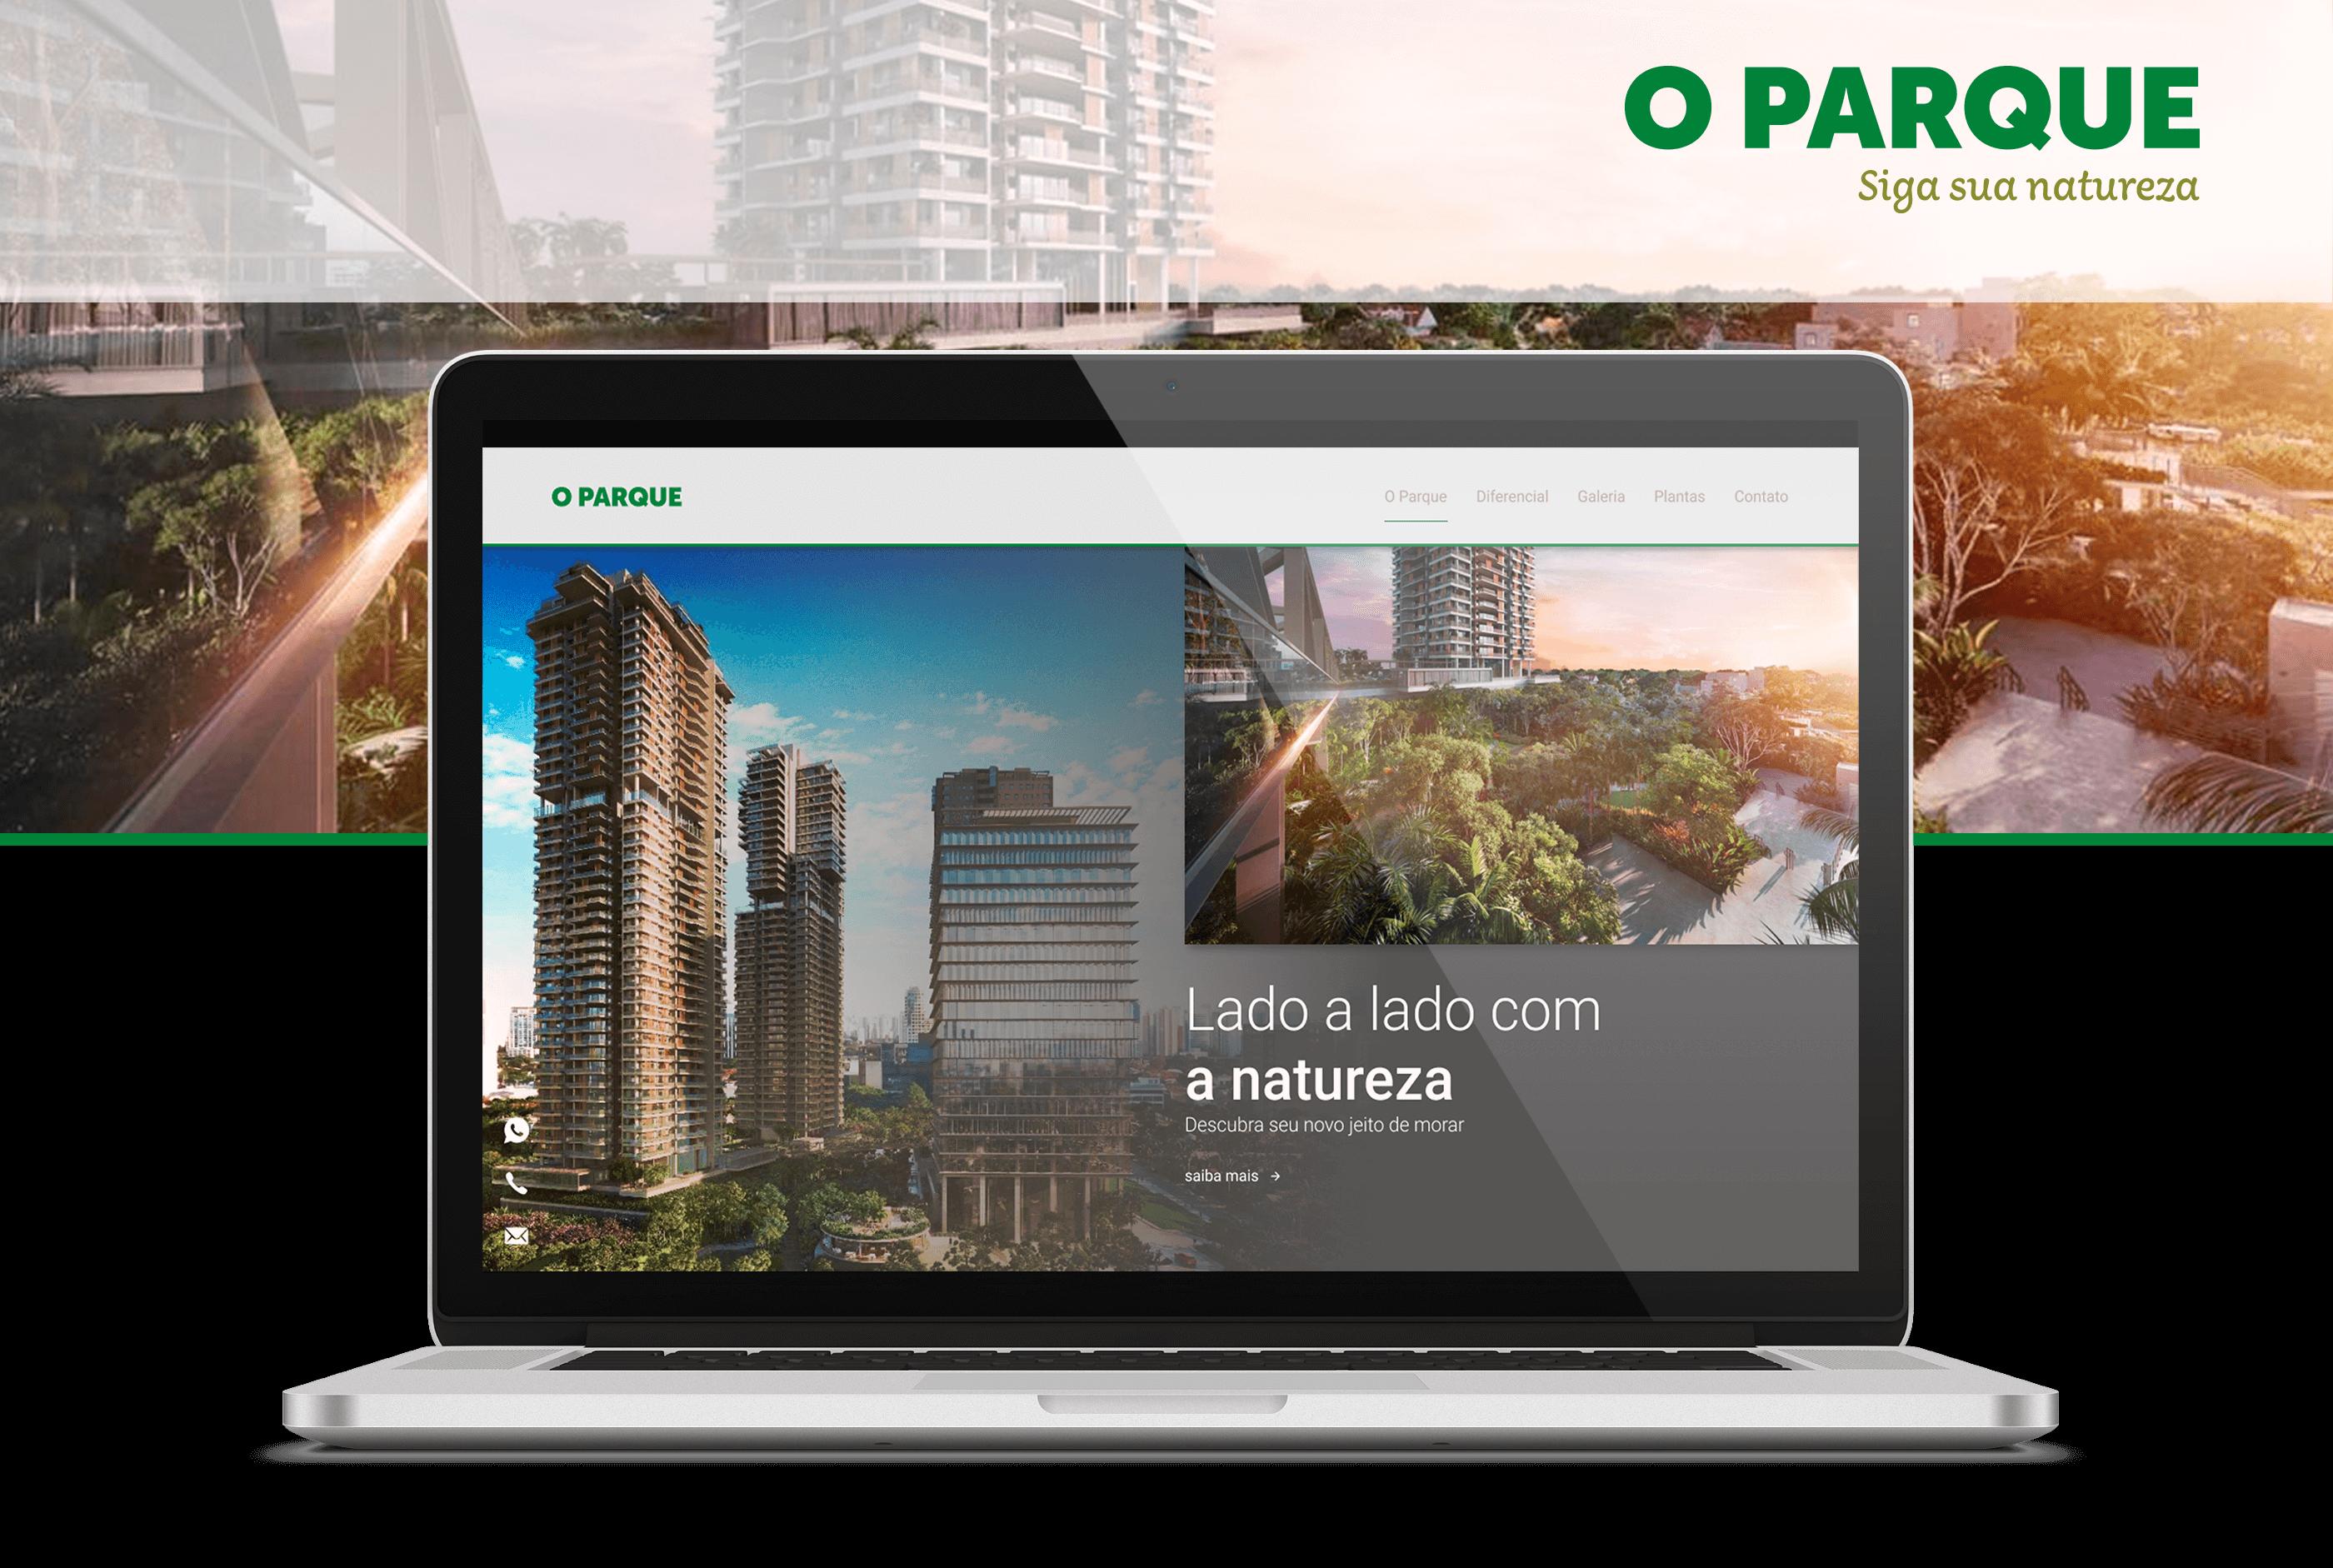 Projeto O Parque - Goognet Solução Digital